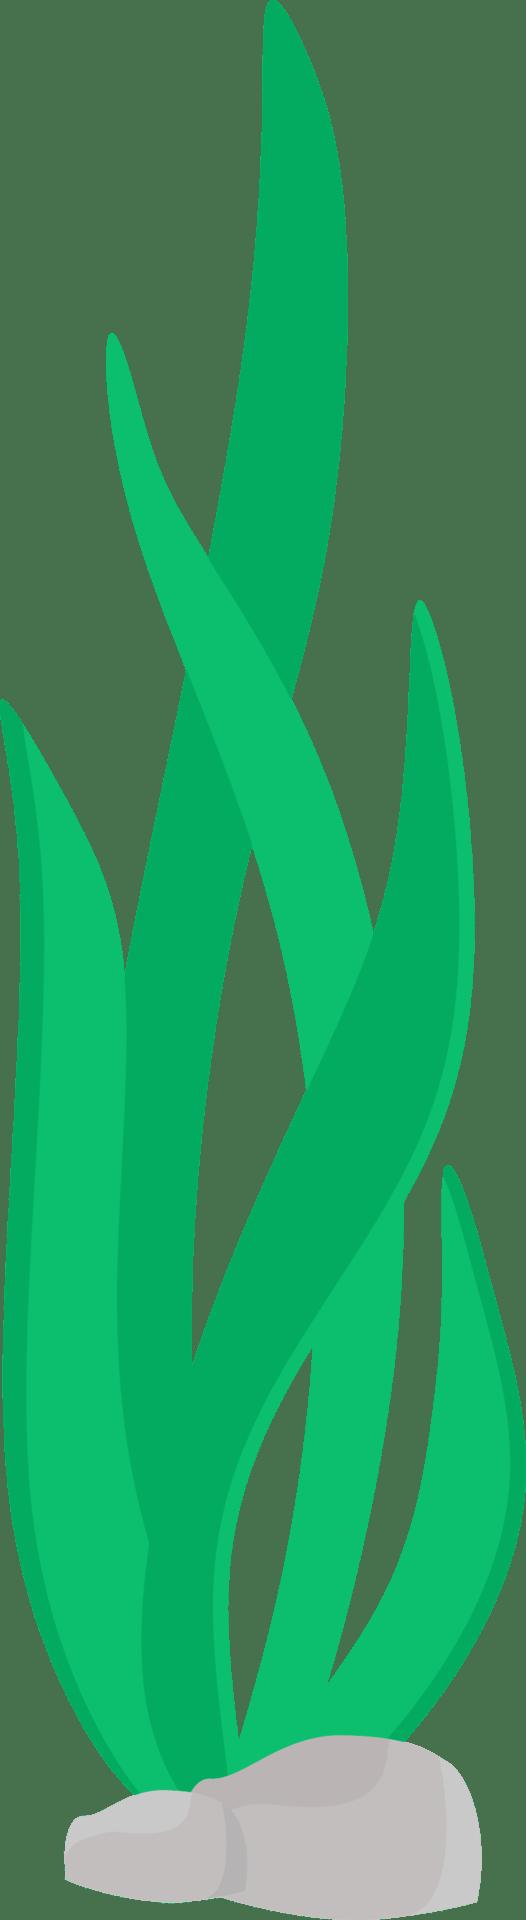 hight resolution of 526x1920 seaweed beachy dreams seaweed